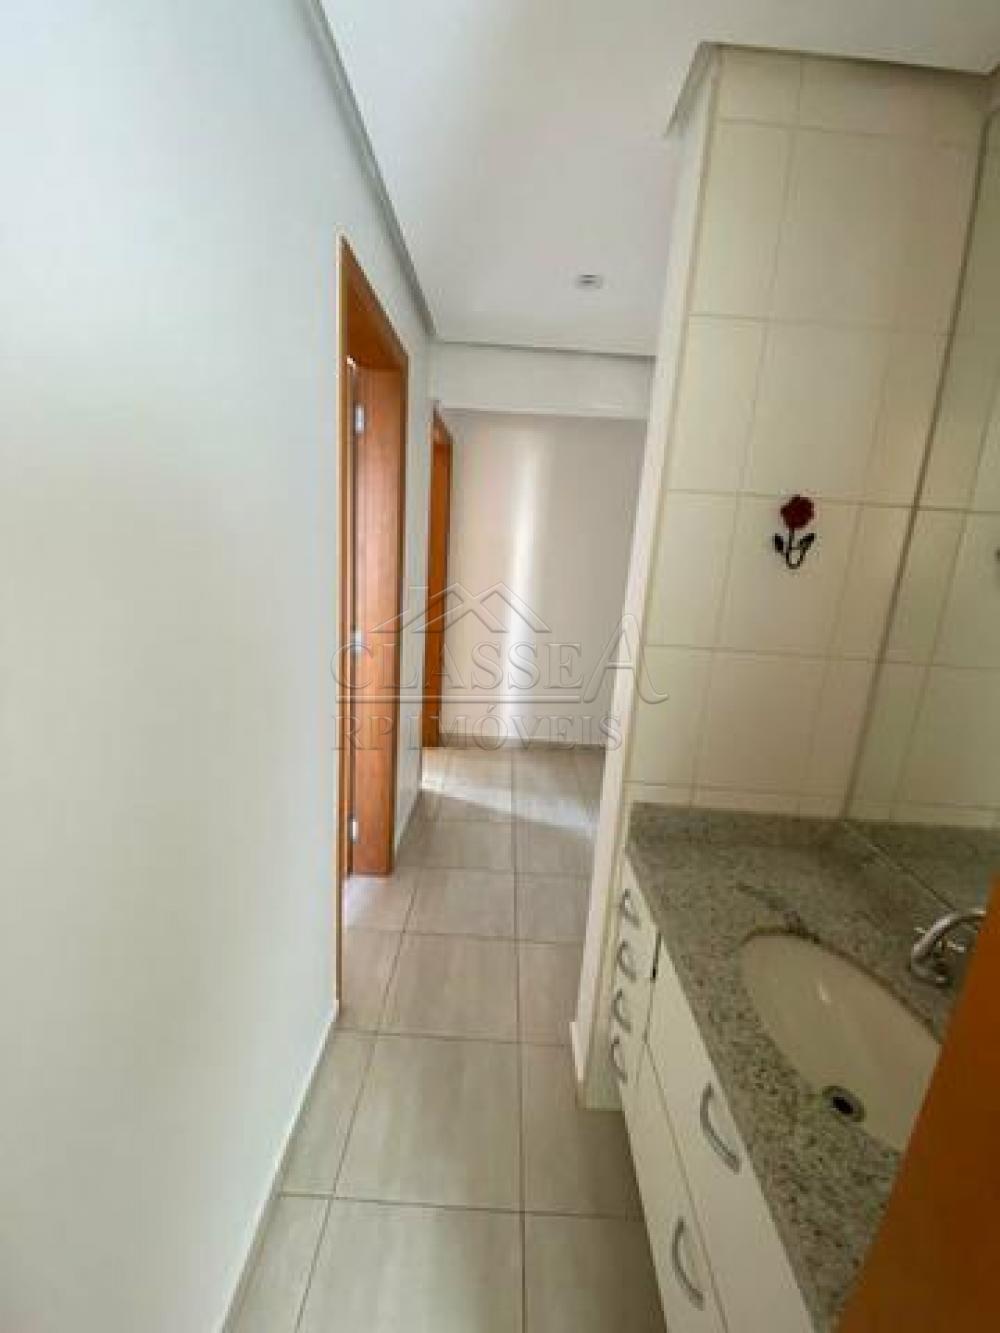 Alugar Apartamento / Padrão em Ribeirão Preto apenas R$ 1.350,00 - Foto 10